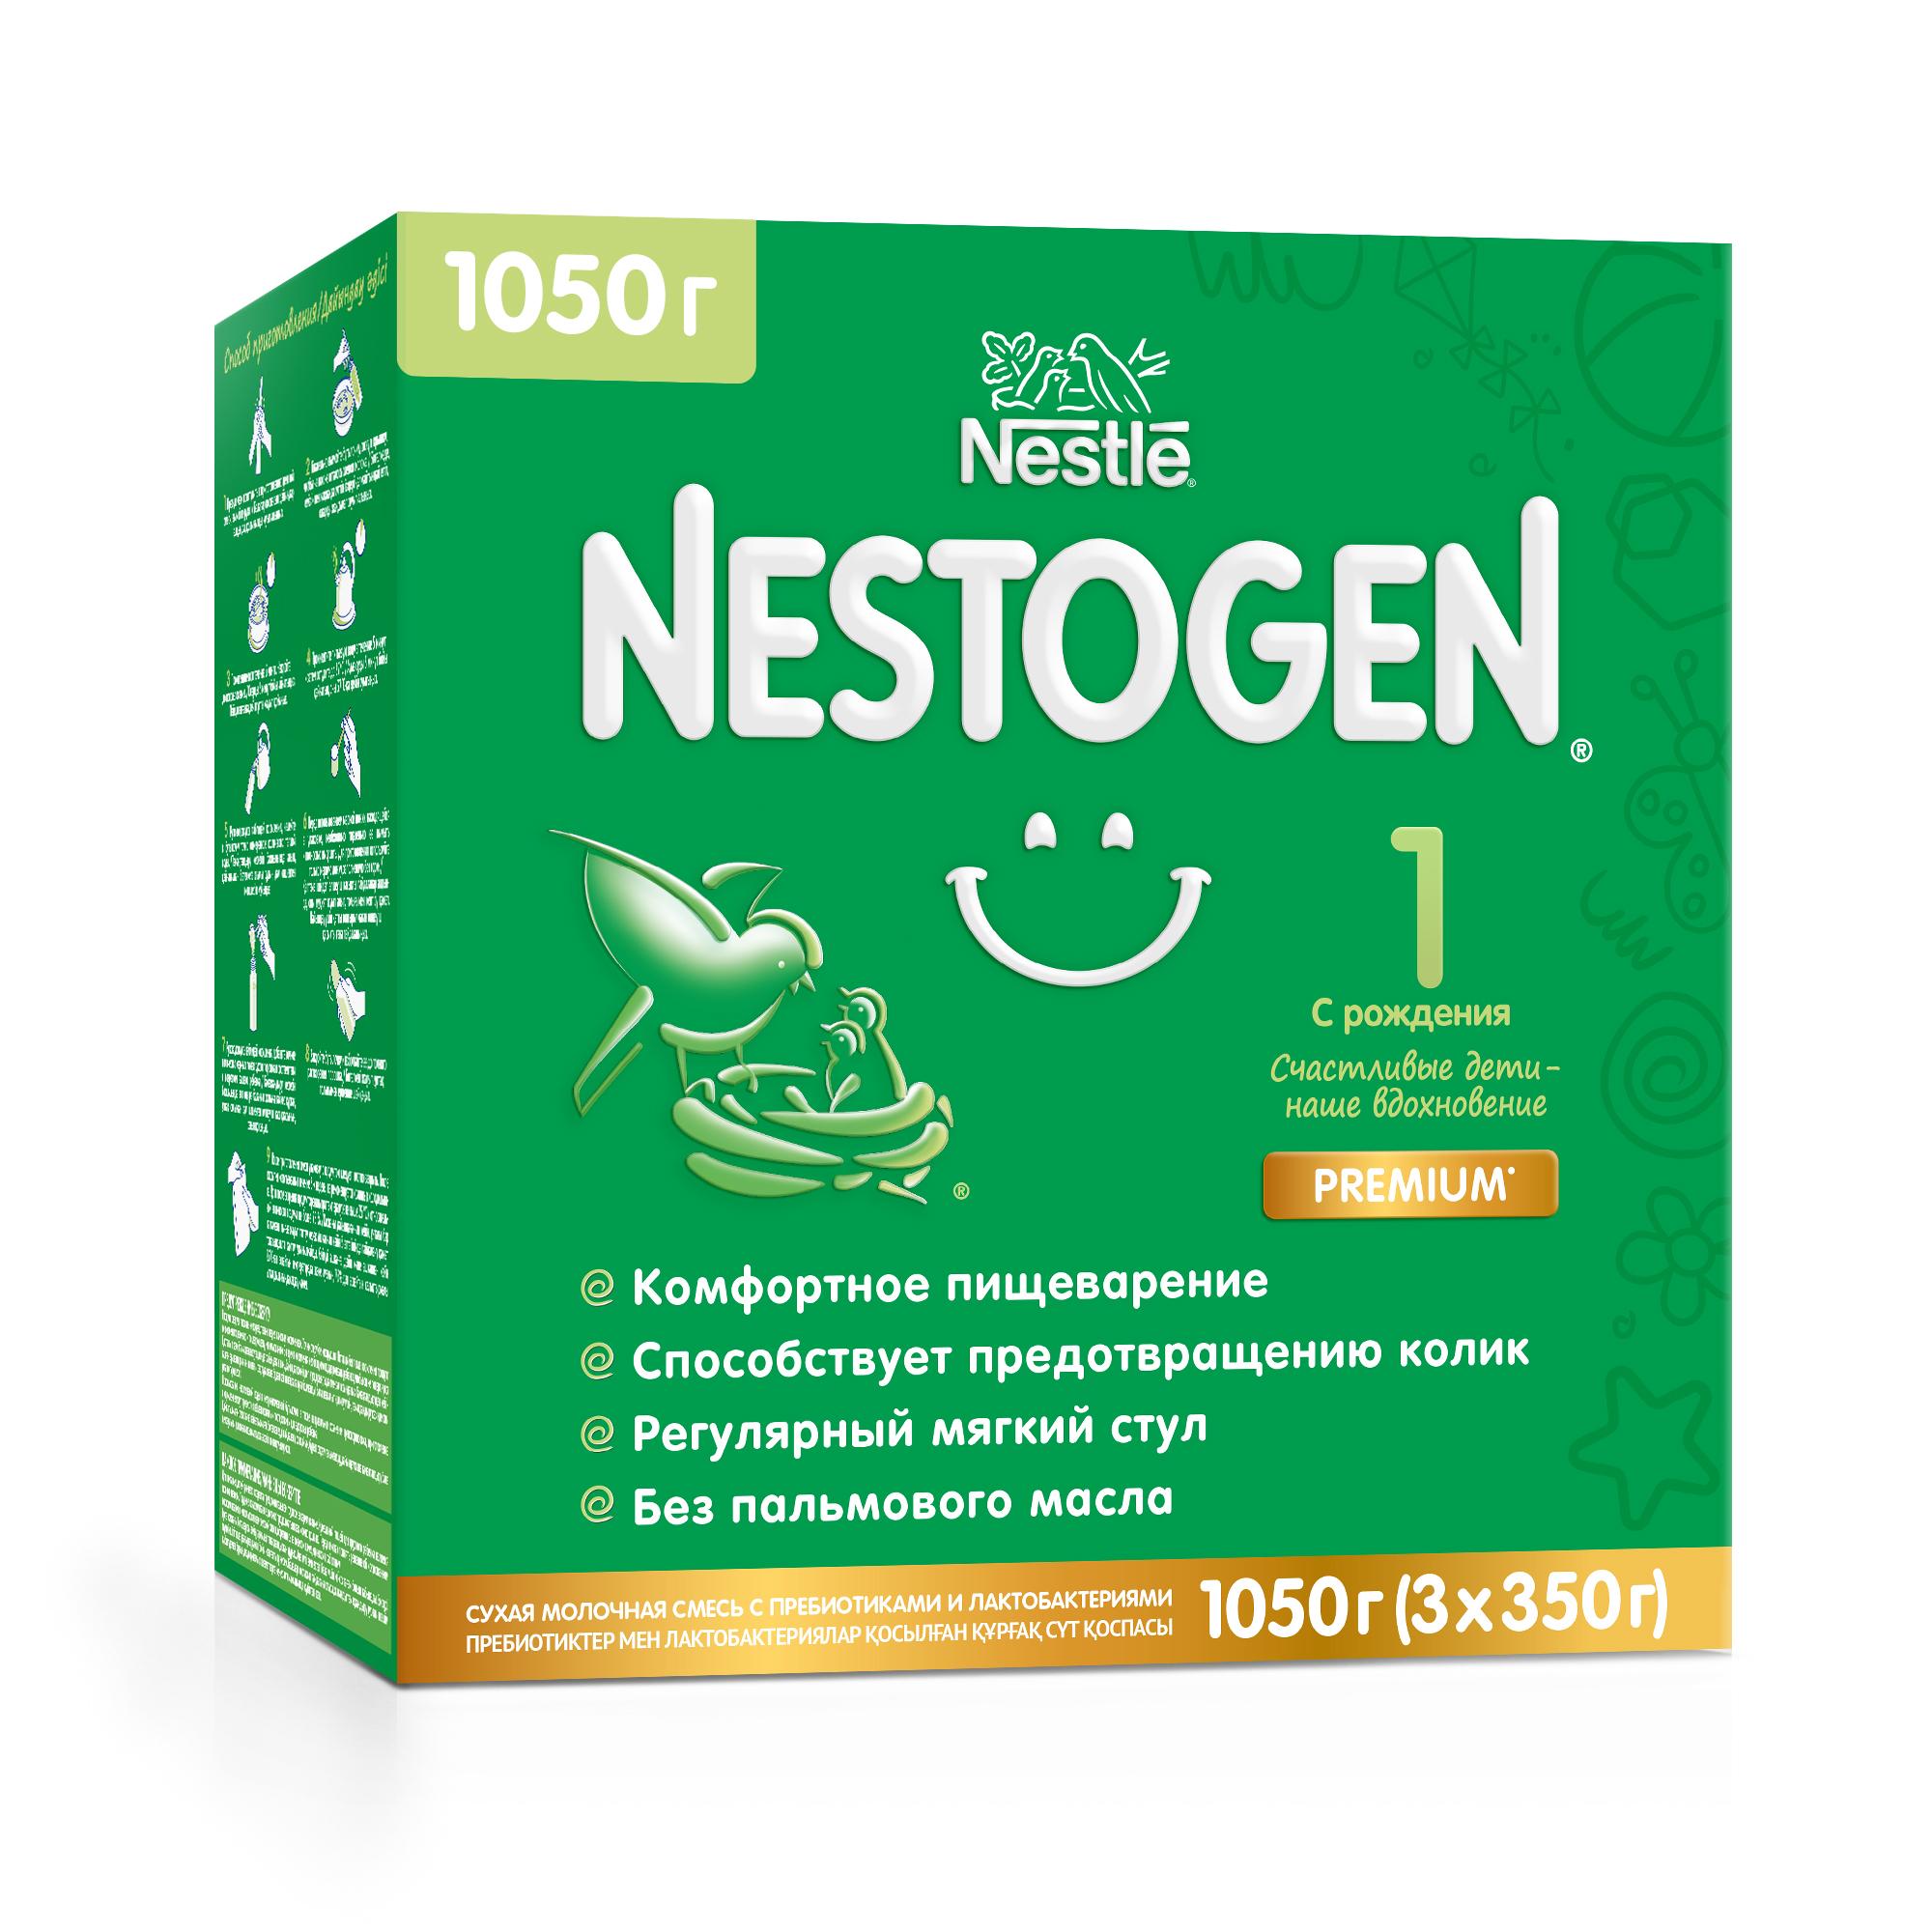 Nestogen 1 смесь для регулярного мягкого стула с 0мес 1050г (Нестожен)